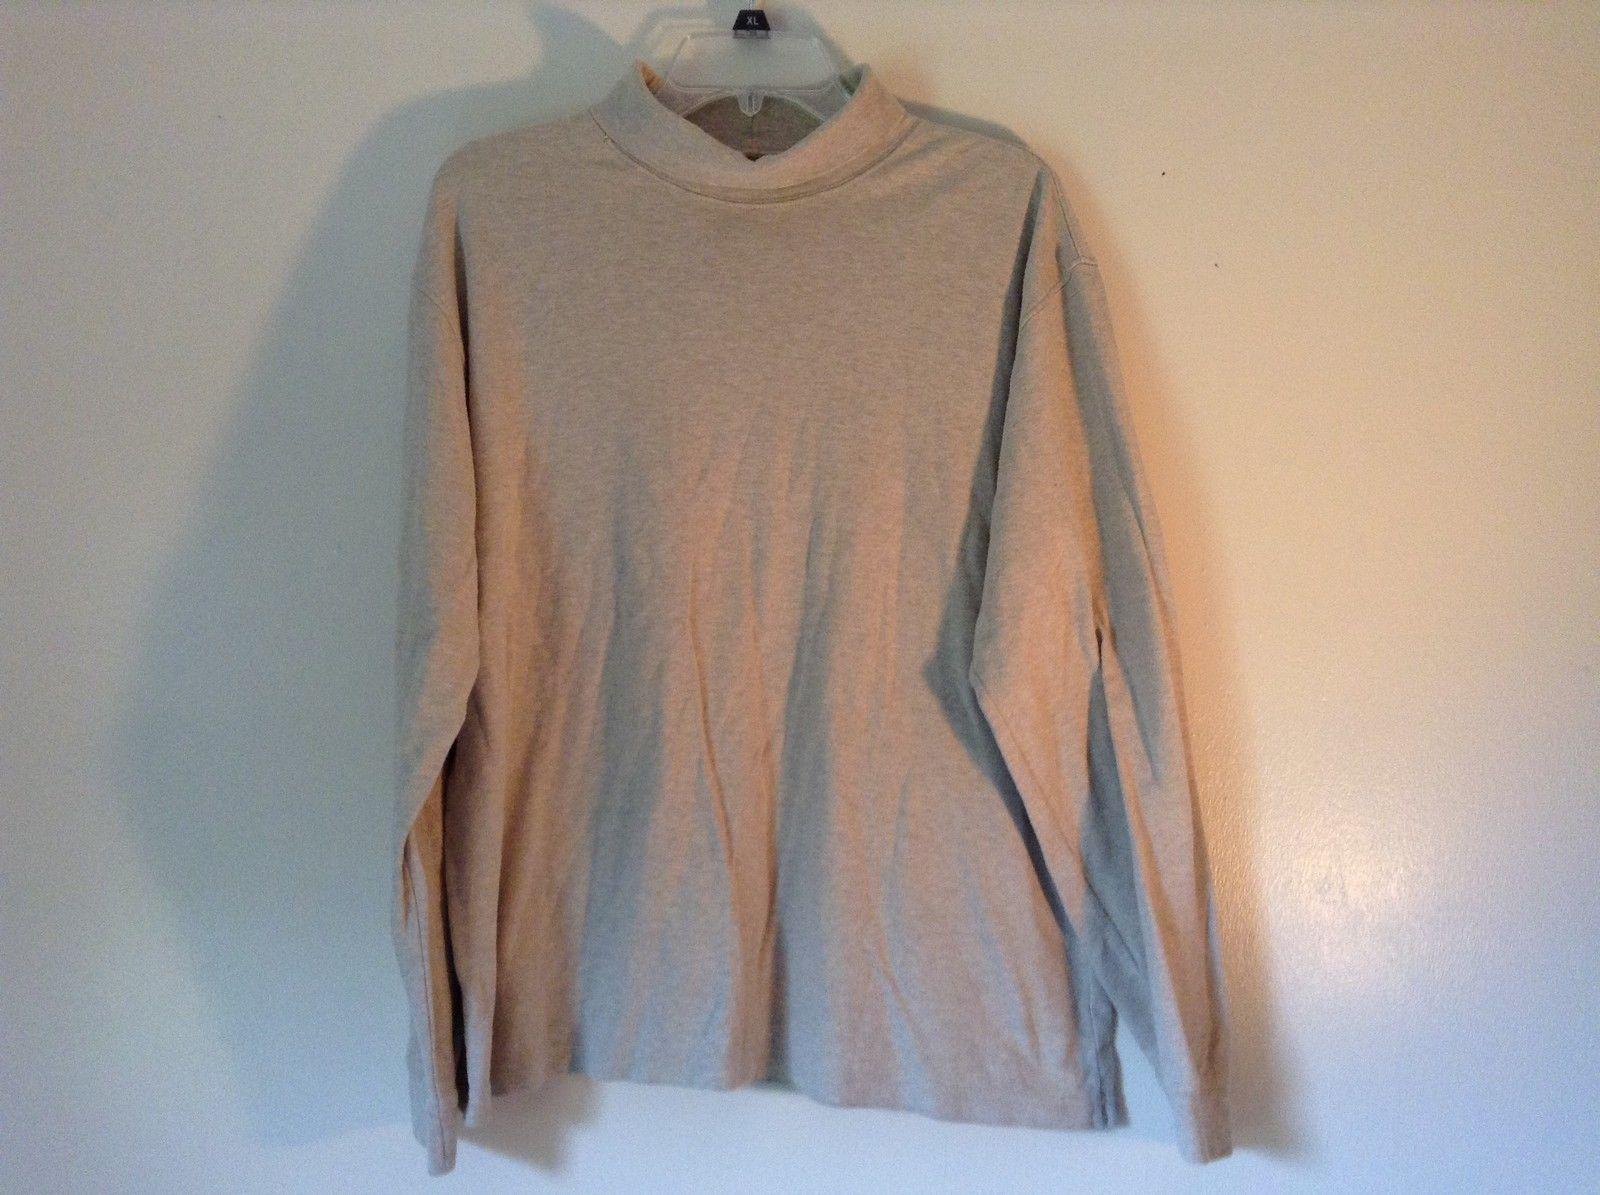 Size Large Tan Beige L L Bean Long Sleeve Turtleneck Shirt 100 Percent Cotton